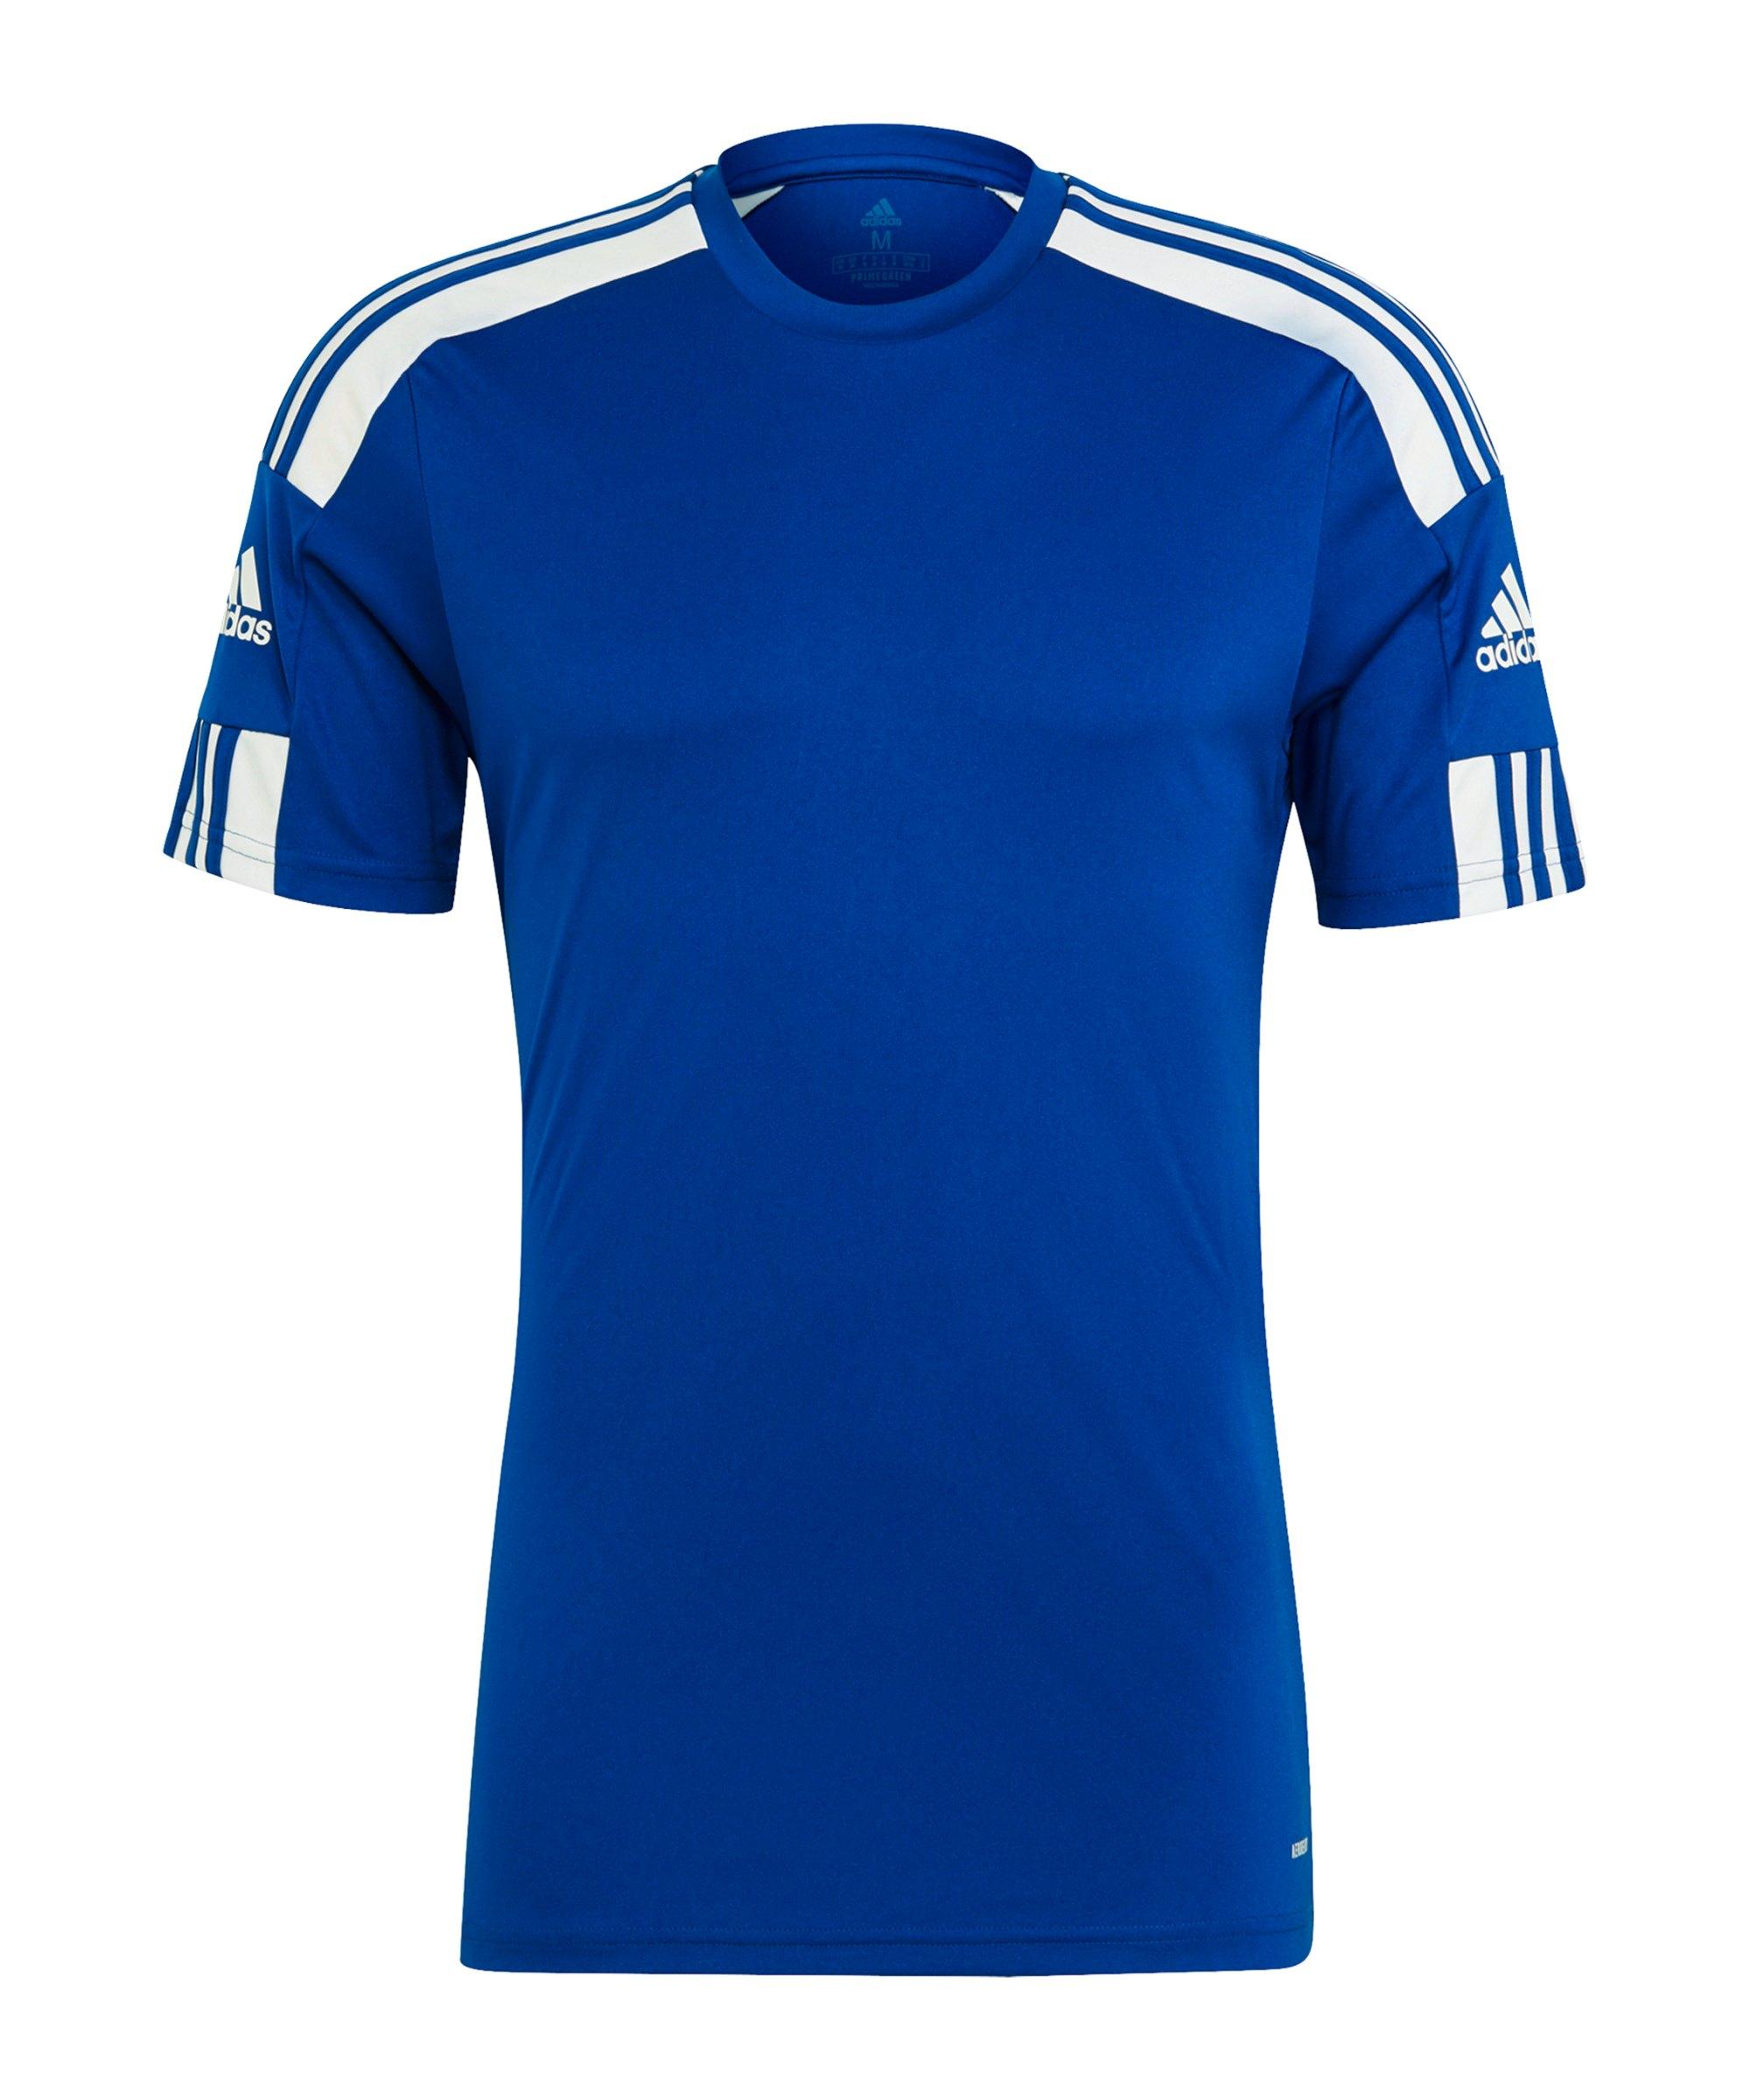 adidas Squadra 21 Trikot Blau Weiss - blau